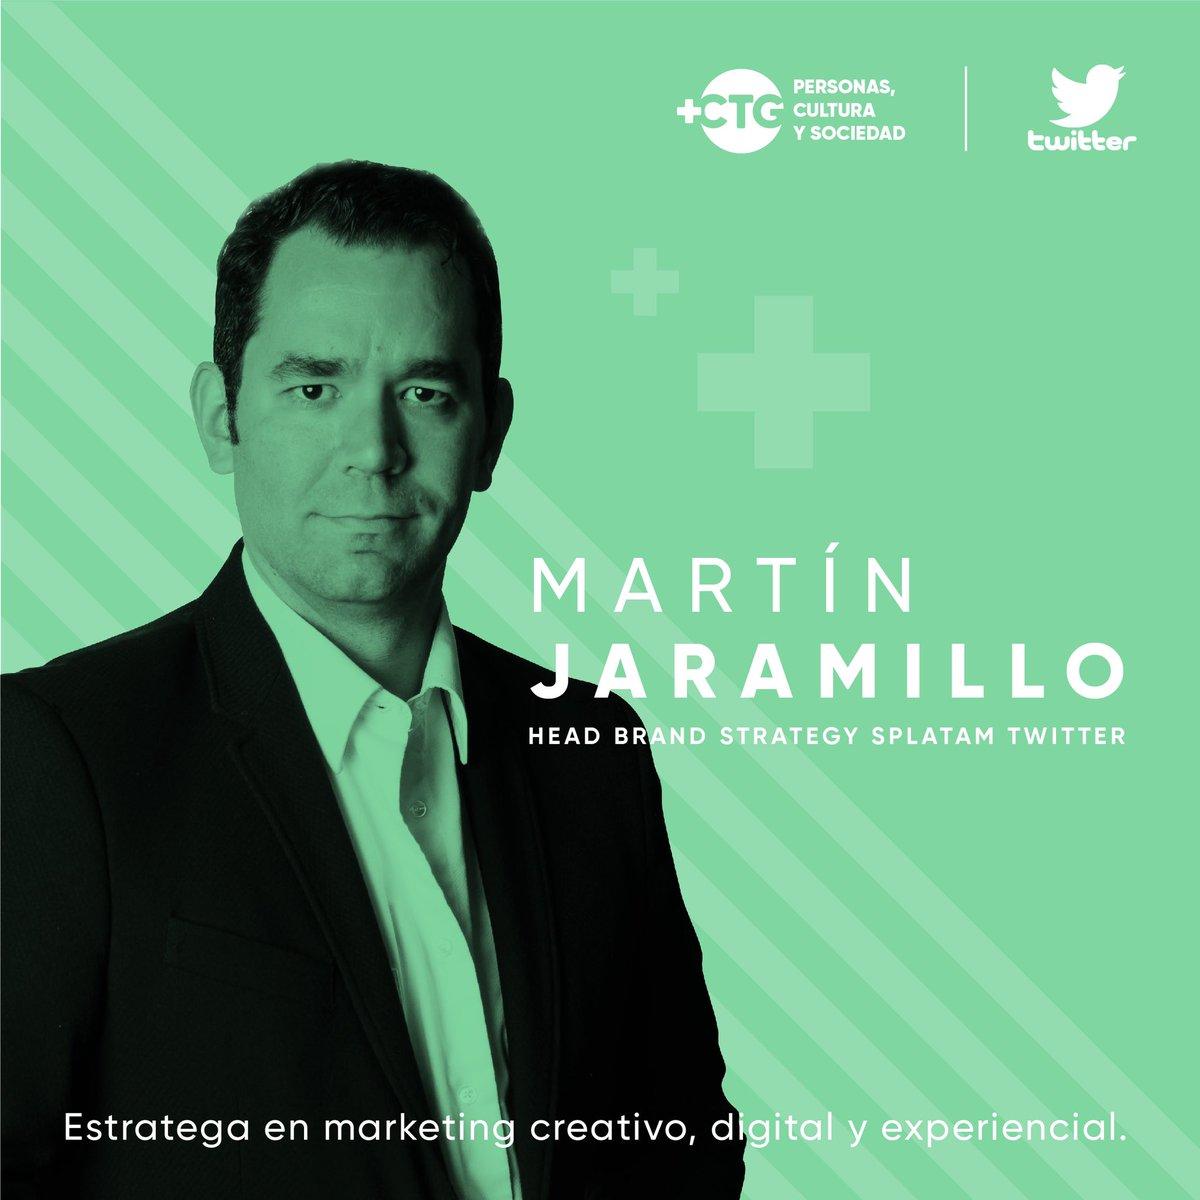 En su conferencia 'Conversaciones que moldean la cultura', Martín Jaramillo @onejaramillo planteará el rol de las marcas más allá del espectro de lo que sus productos/servicios pueden hacer. Asiste a la Cumbre Latinoamericana #MásCartagena Oct. 2-4 de 2019 http://www.mascartagena.co